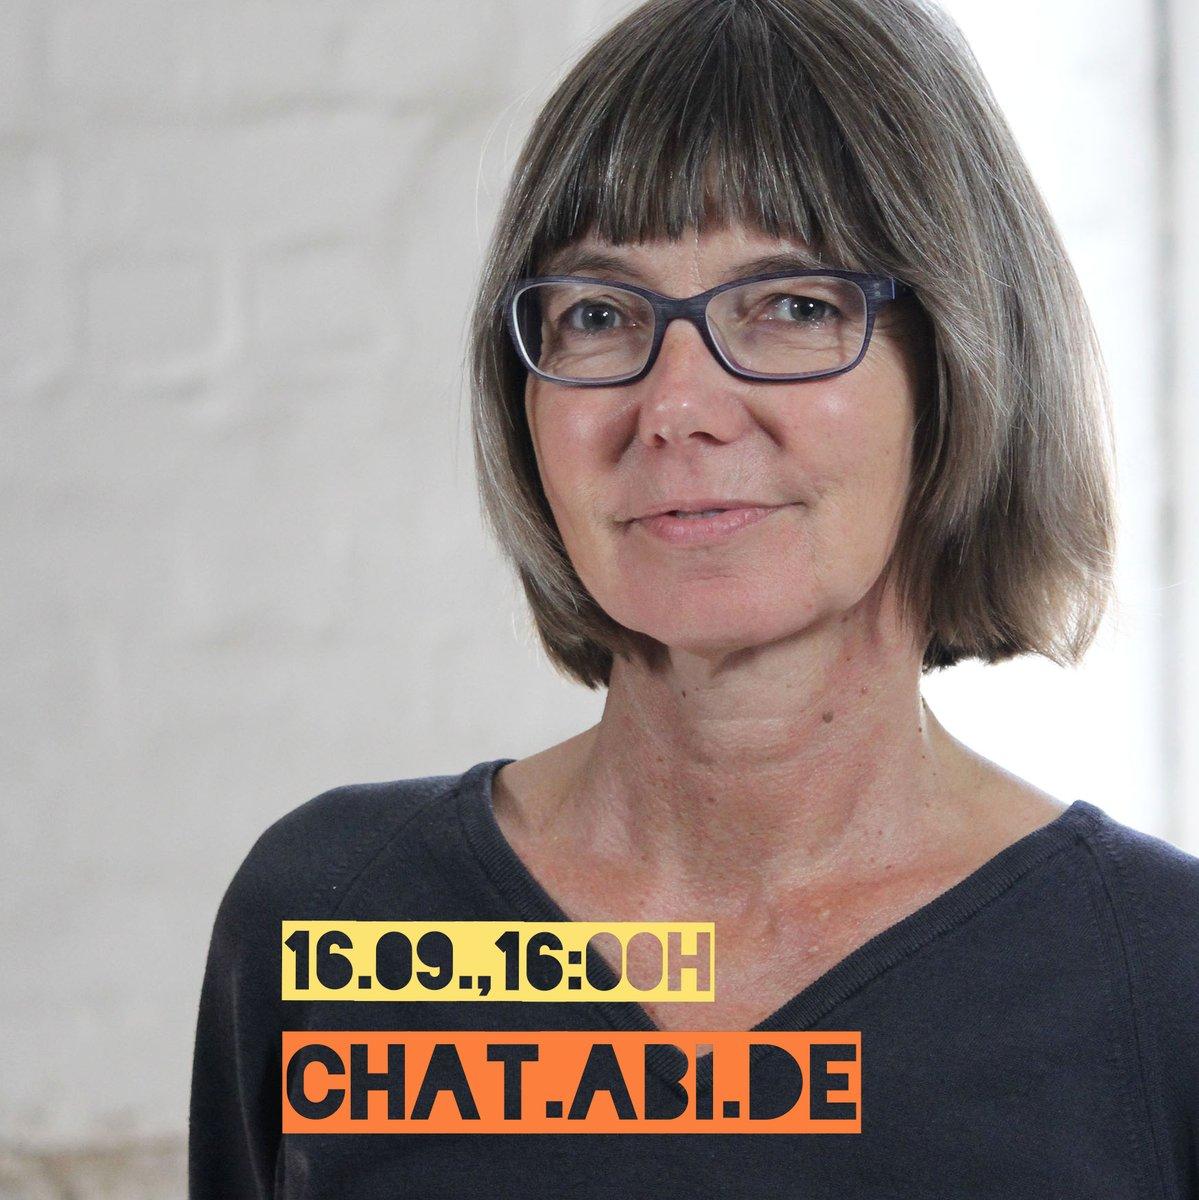 Wo kann ich mich informieren, wenn ich Interesse an einem Studium der #Ingenieurwissenschaften habe? Am 📌16.09 von 16‐17.30h ist unsere Mitarbeiterin Christina Haaf im Chat bei abi(.)de und berät euch. ➡️https://t.co/R7ZGfJhYCo #MINT https://t.co/Dz8nkp9kBh